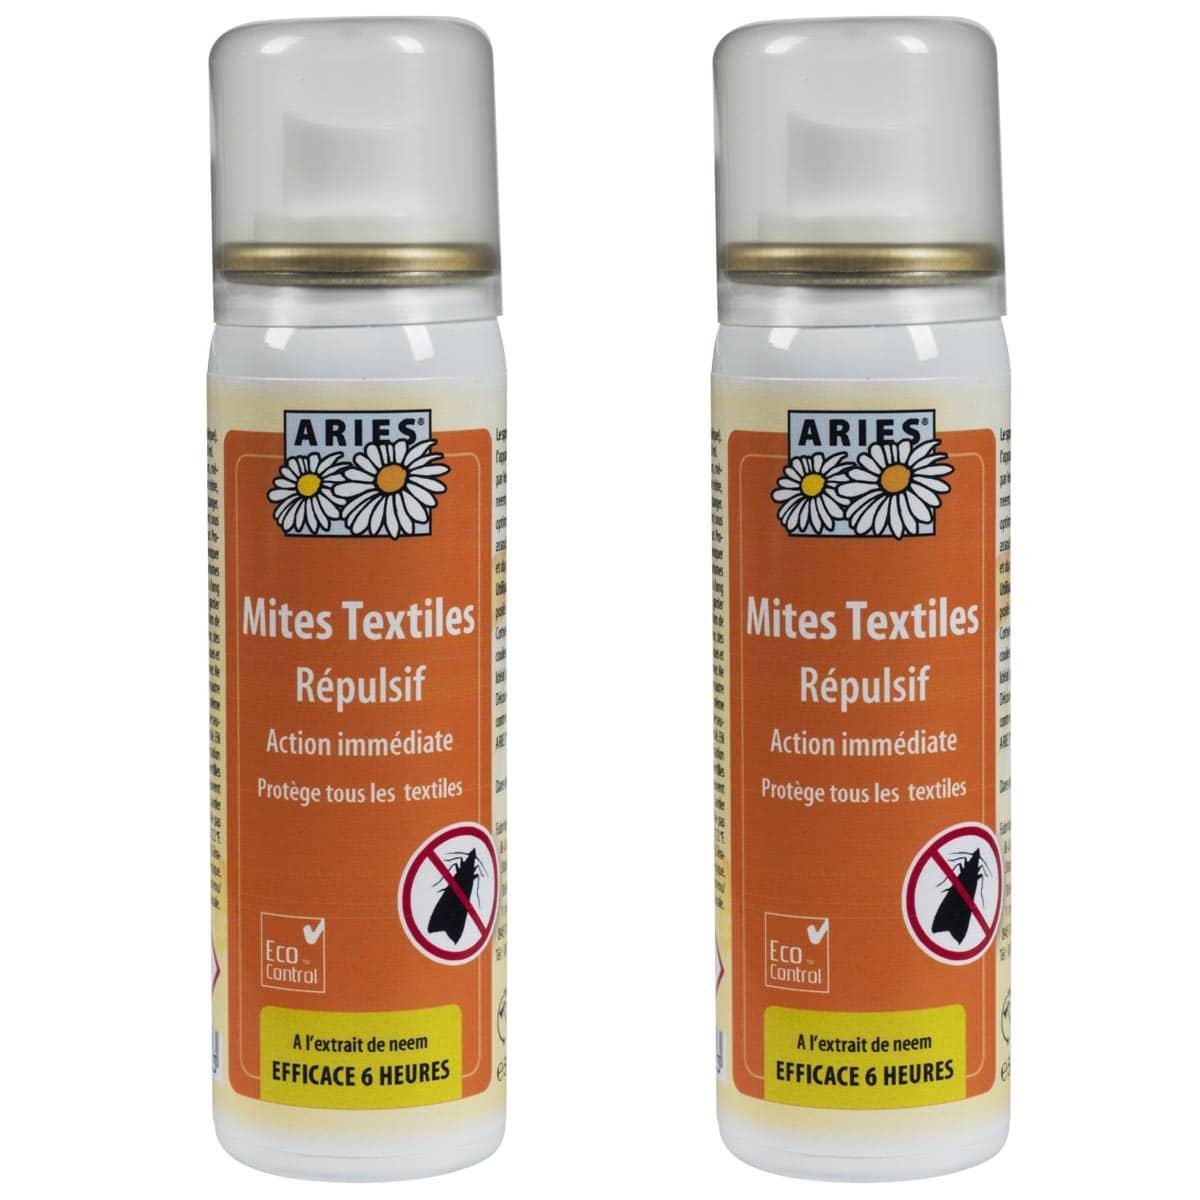 Comment Traiter Les Mites Dans Les Armoires anti mites textiles spray 50ml lot de 2